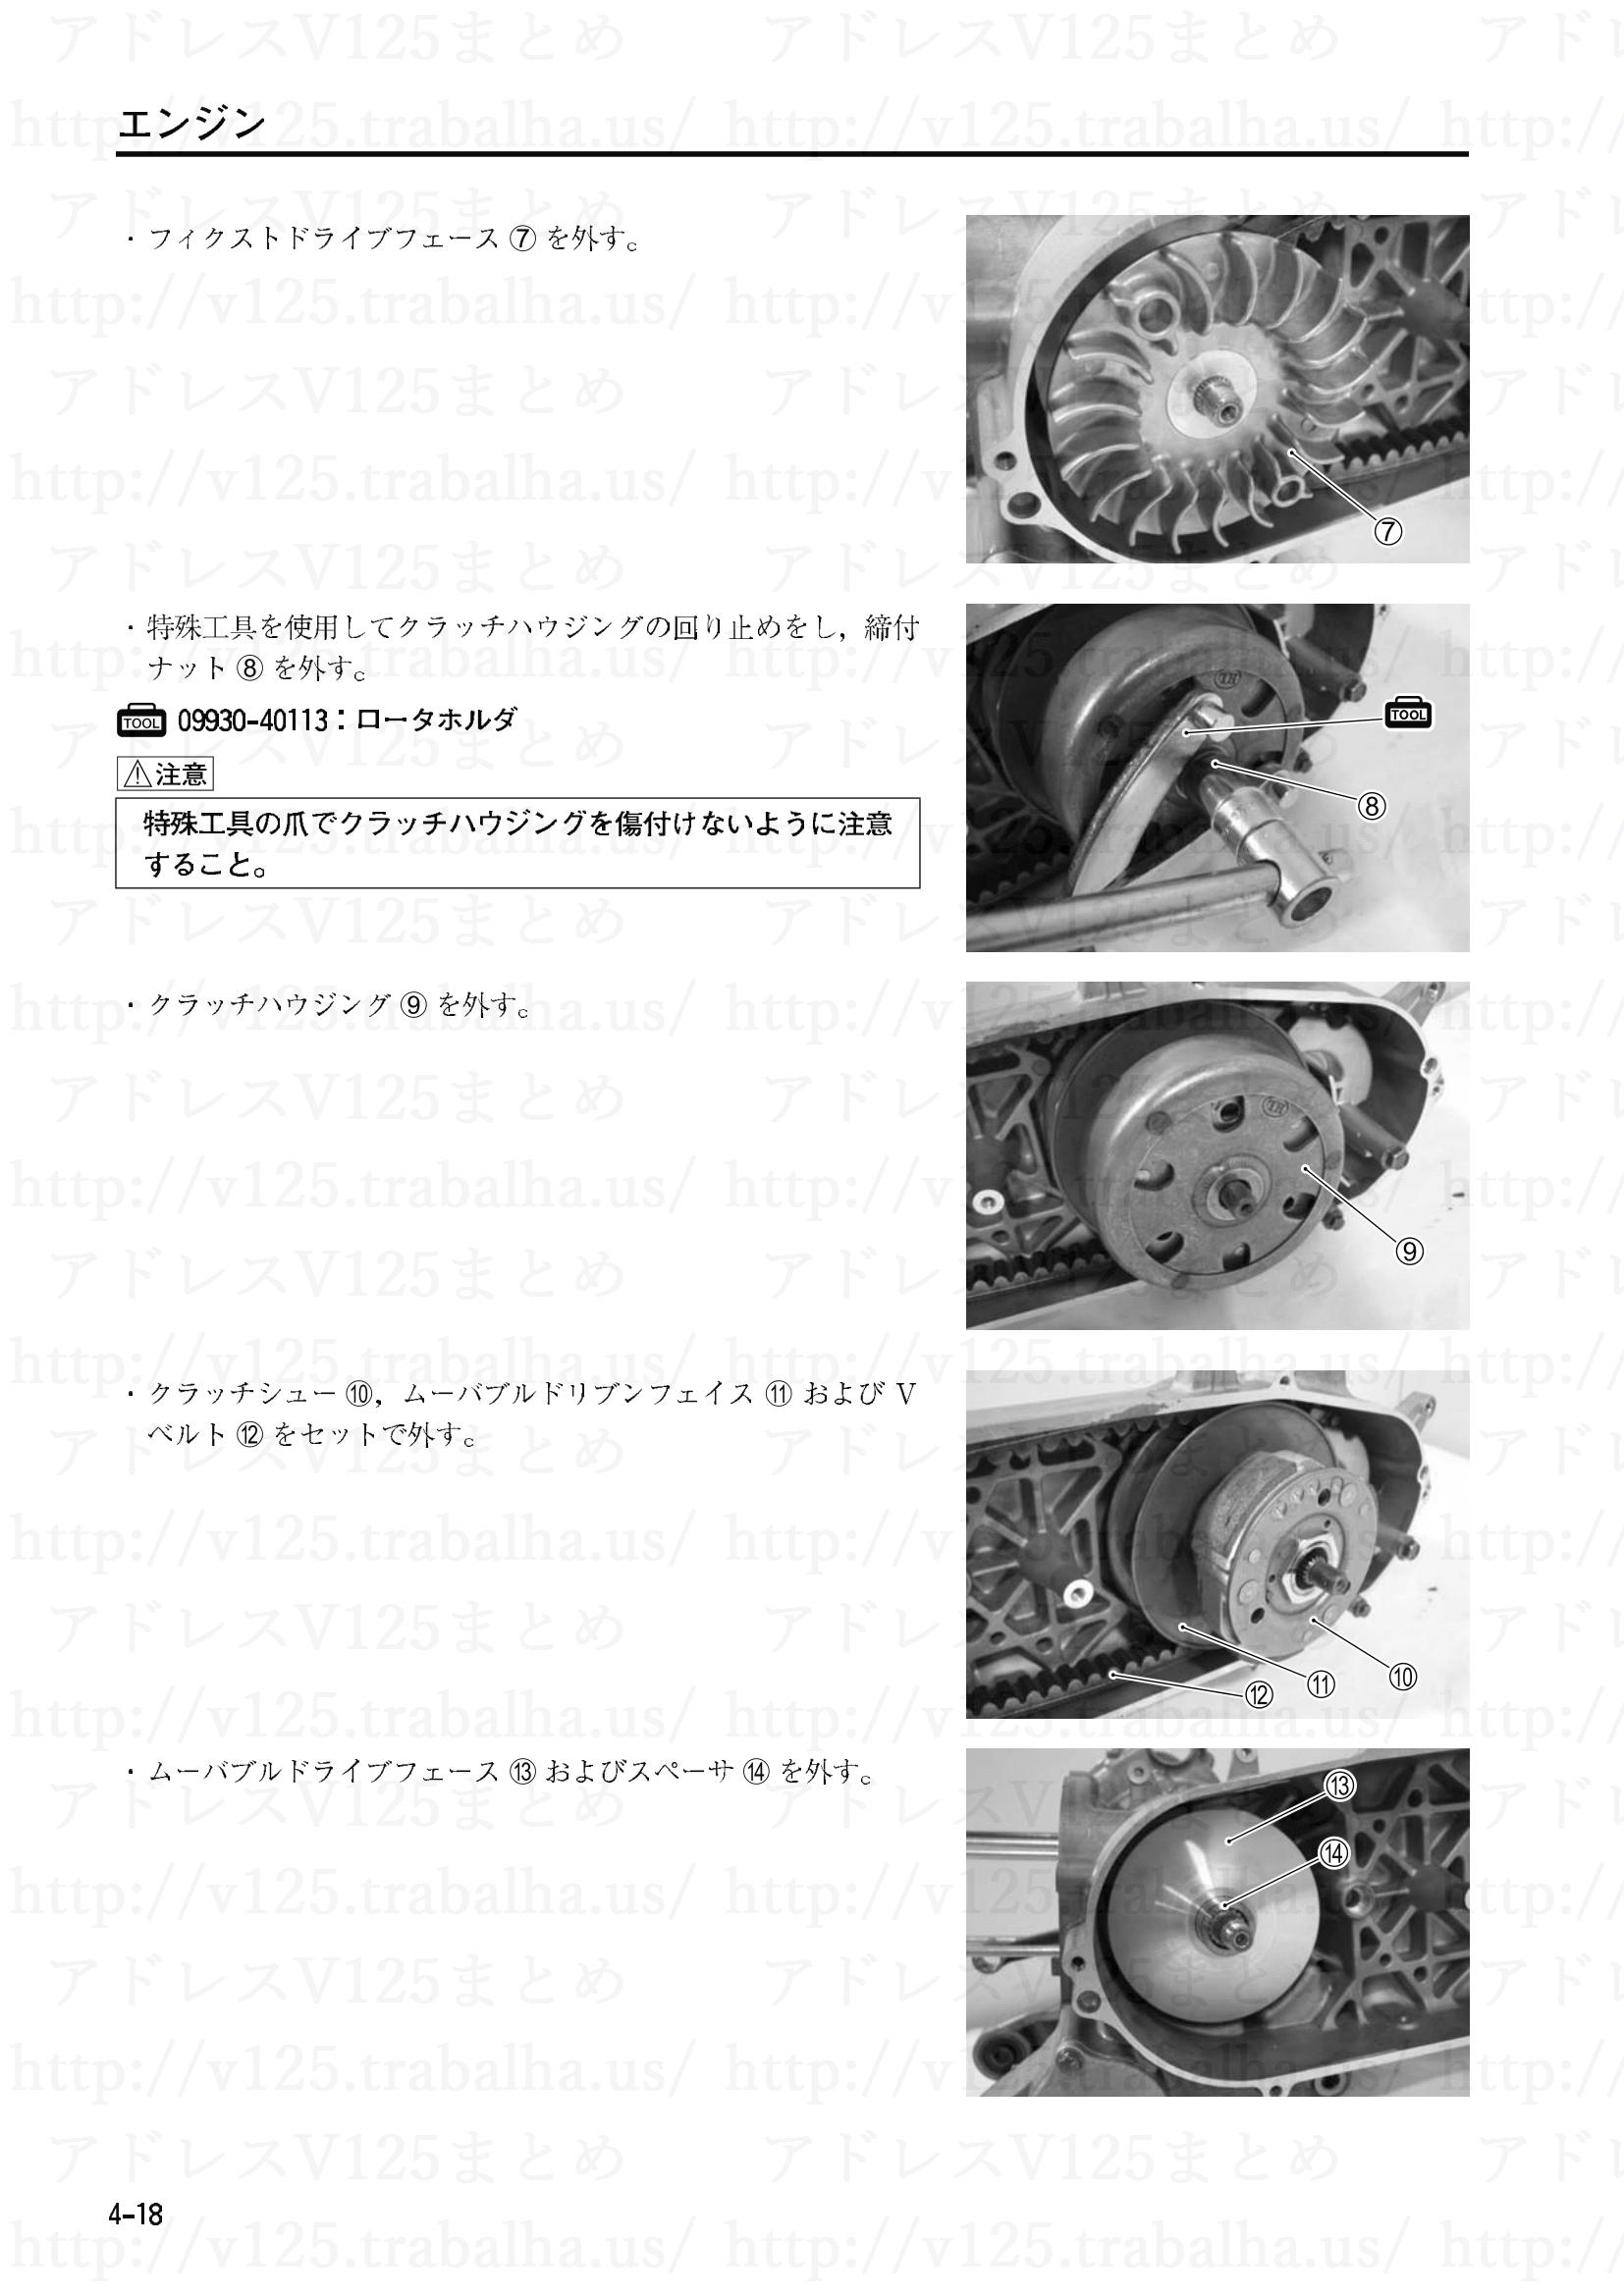 4-18【エンジン】エンジンの分解7